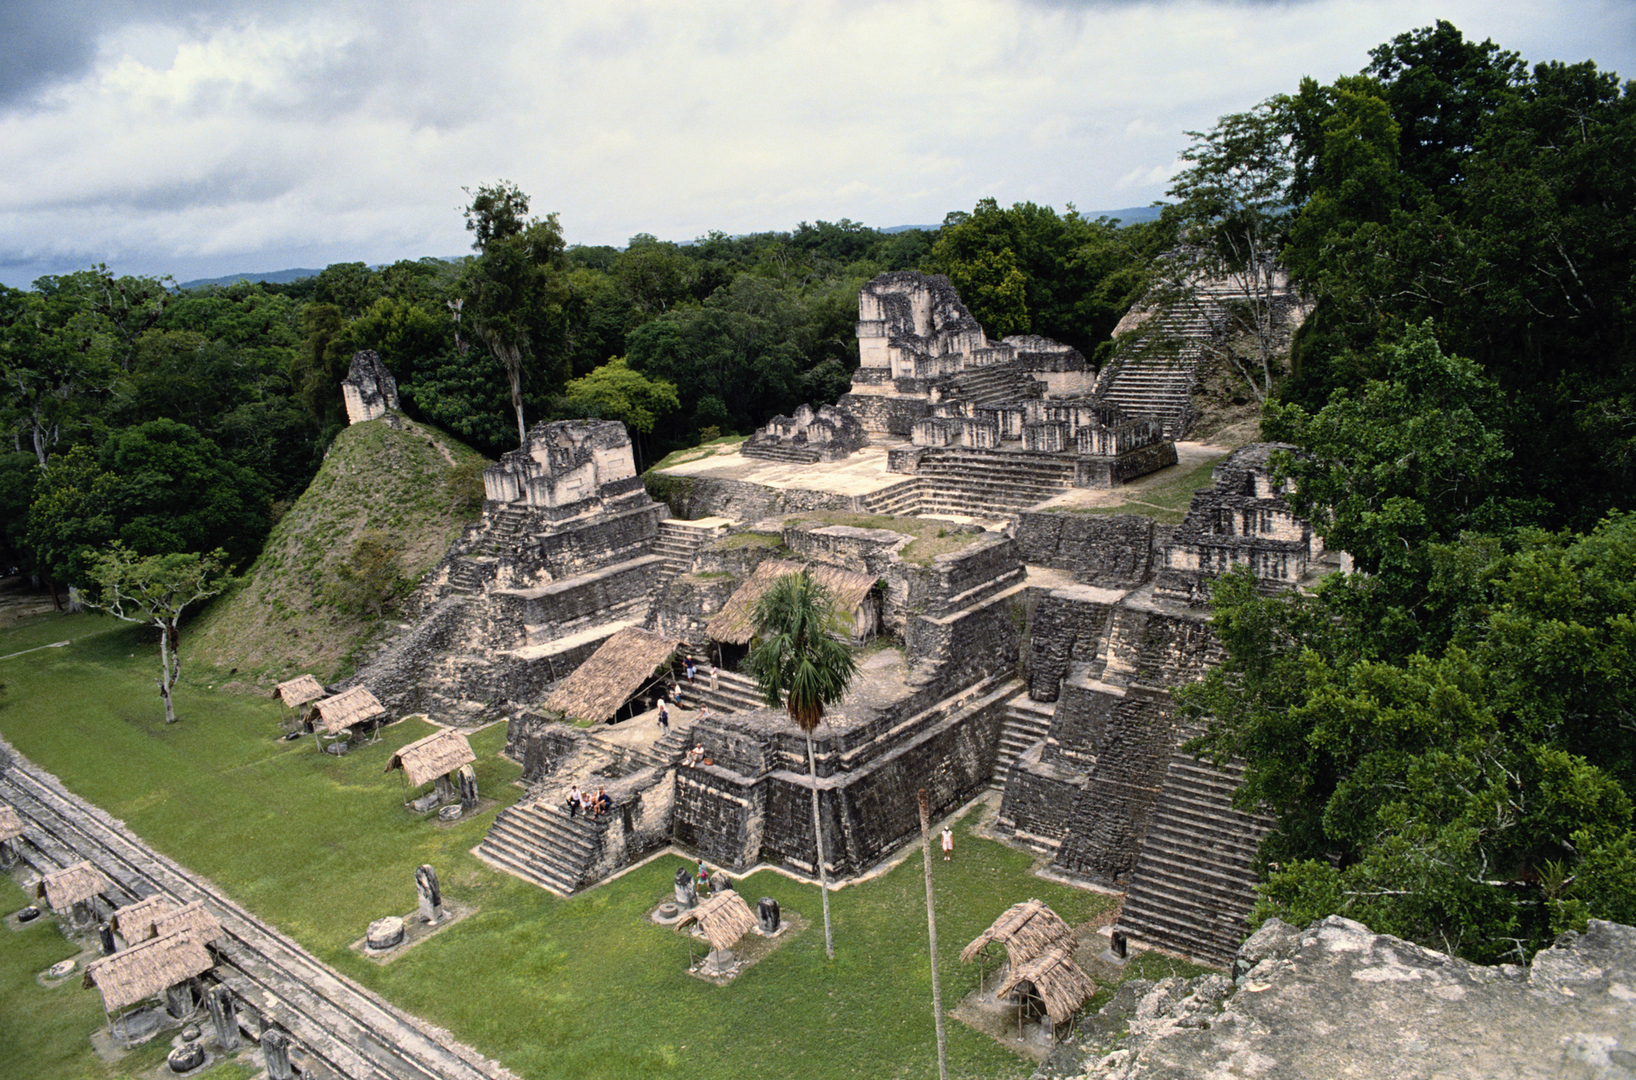 تقنية مسح رائدة تكشف عن بعض خبايا حضارة المايا المفقودة